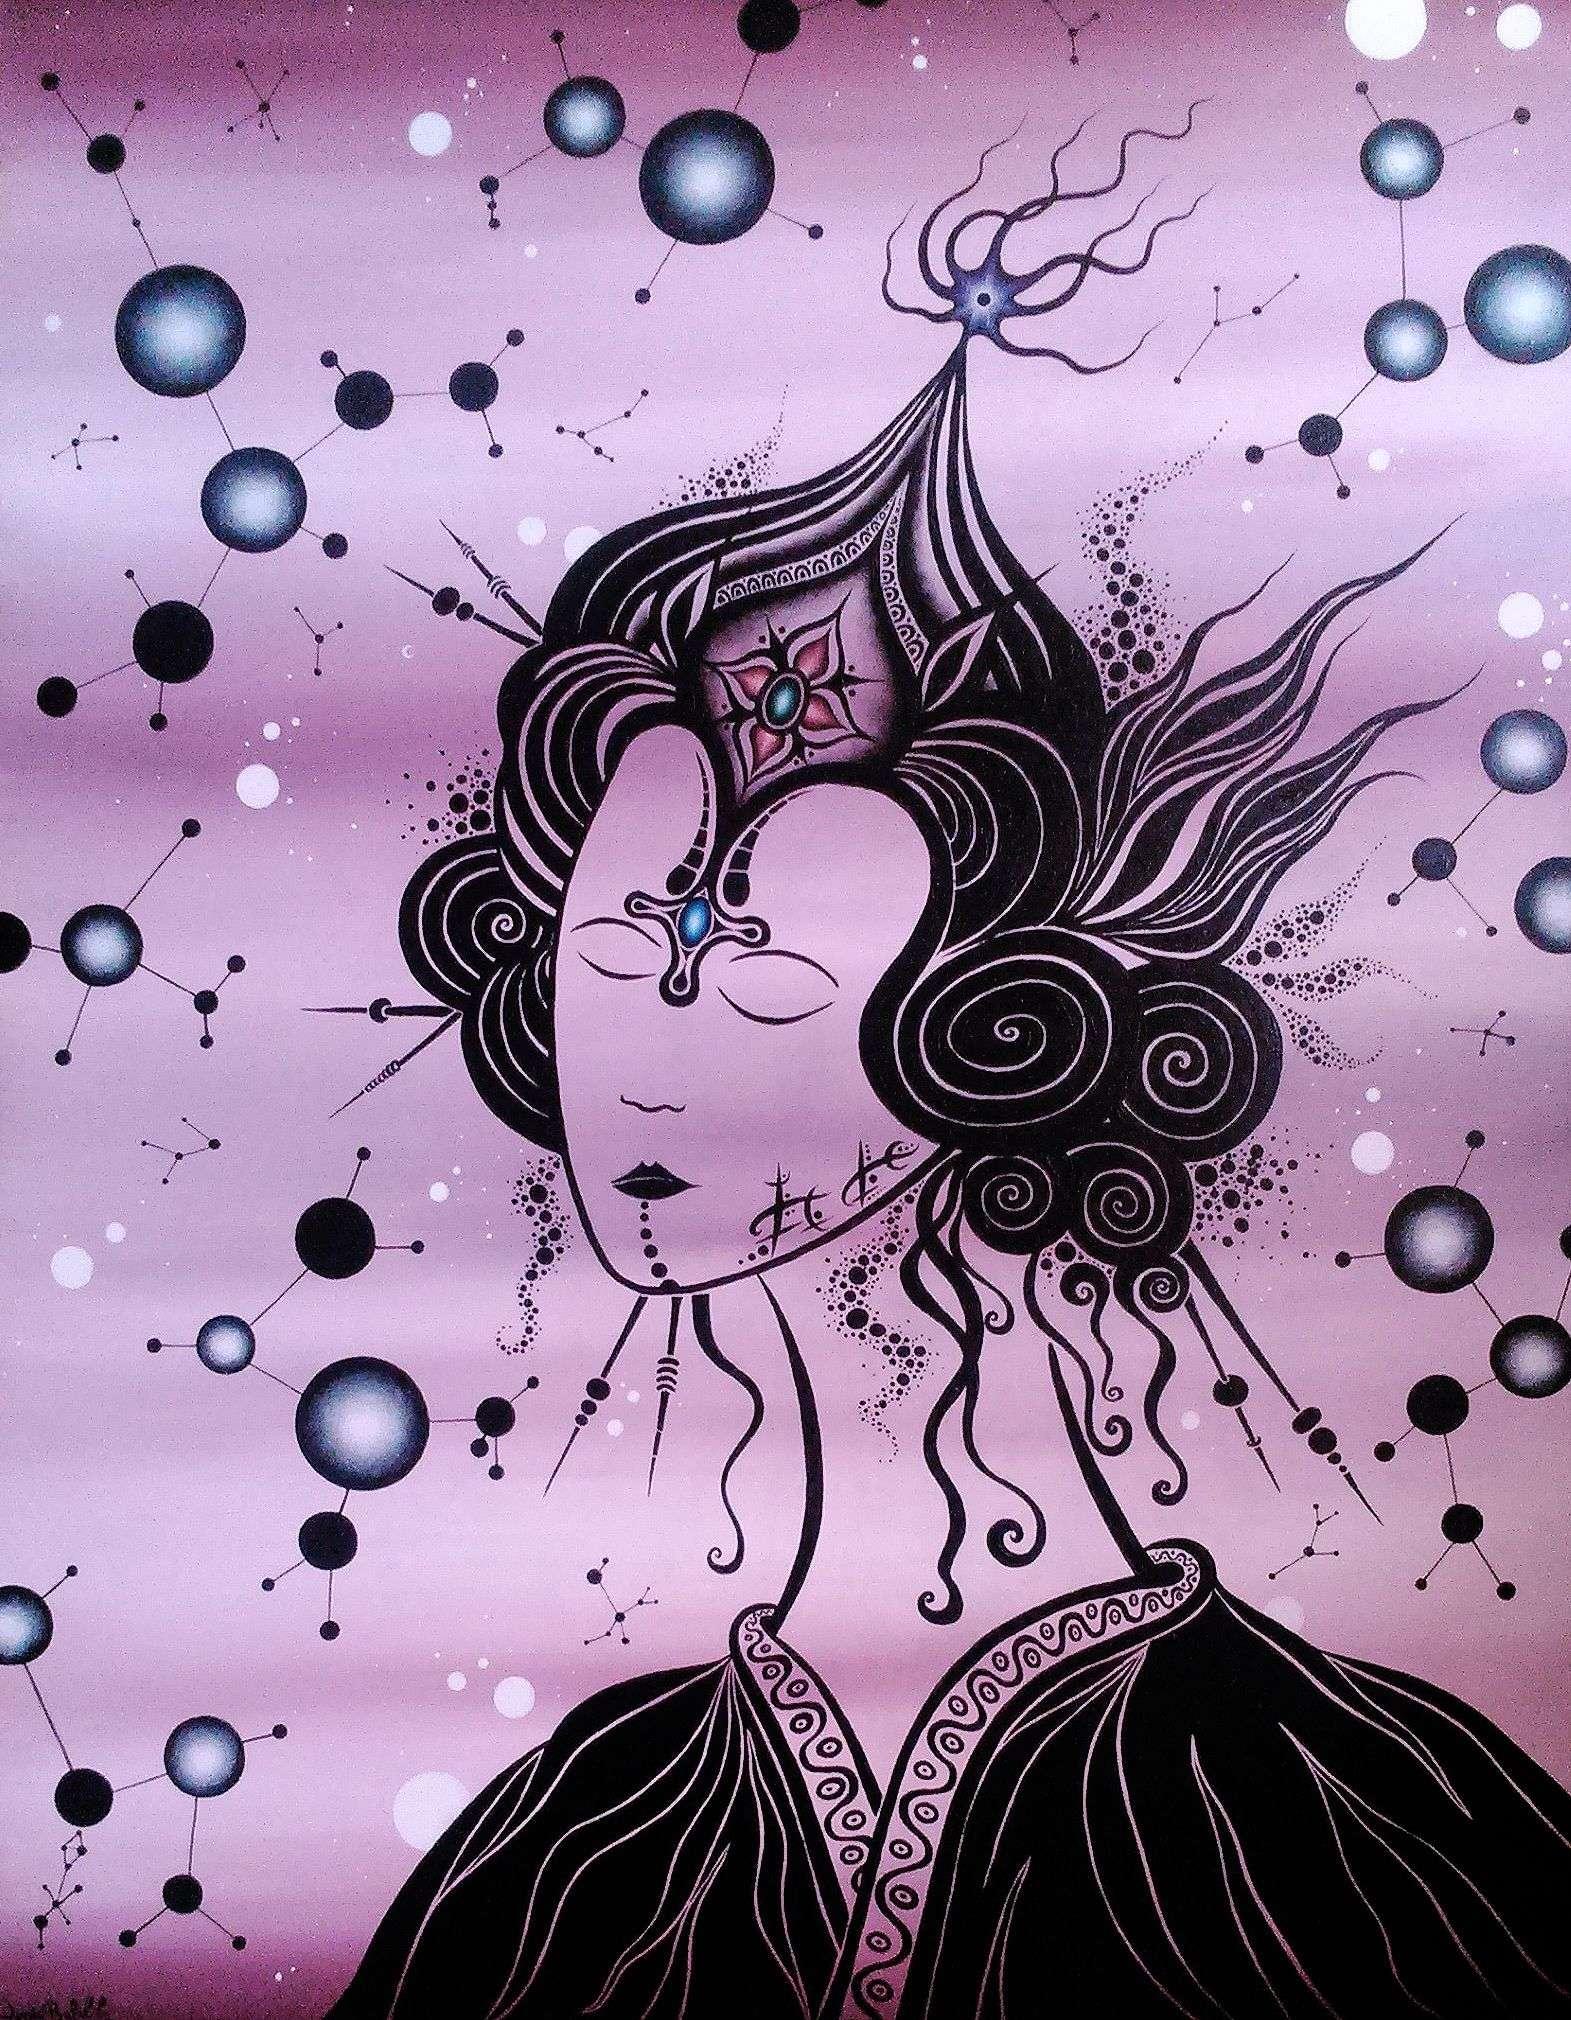 Cosmic geisha_Jordi Bofill